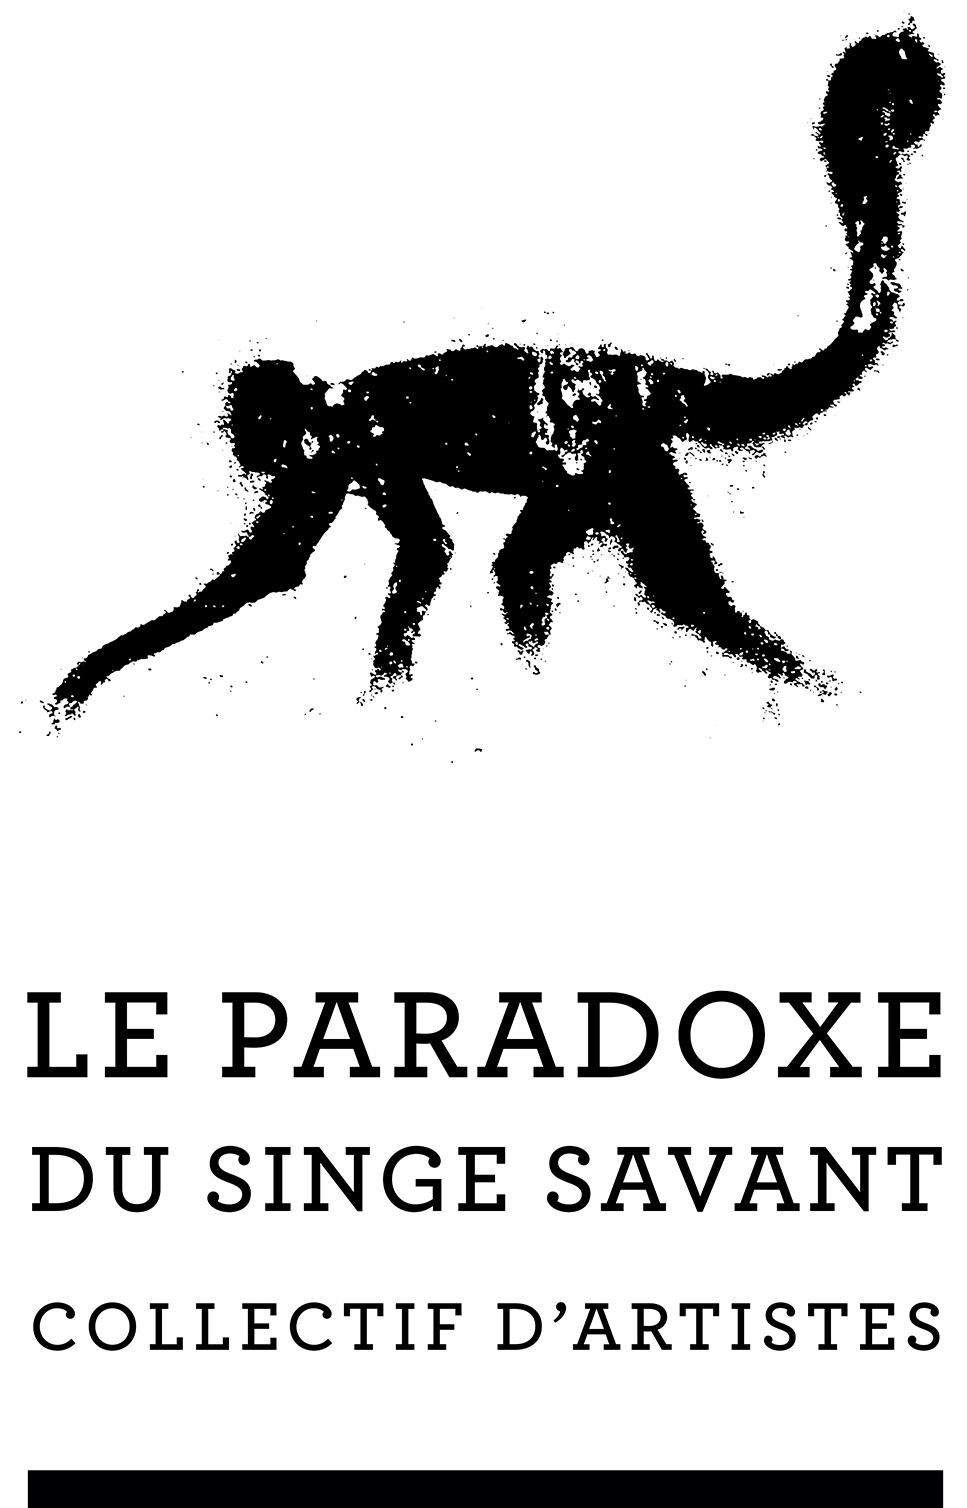 LE PARADOXE DU SINGE SAVANT